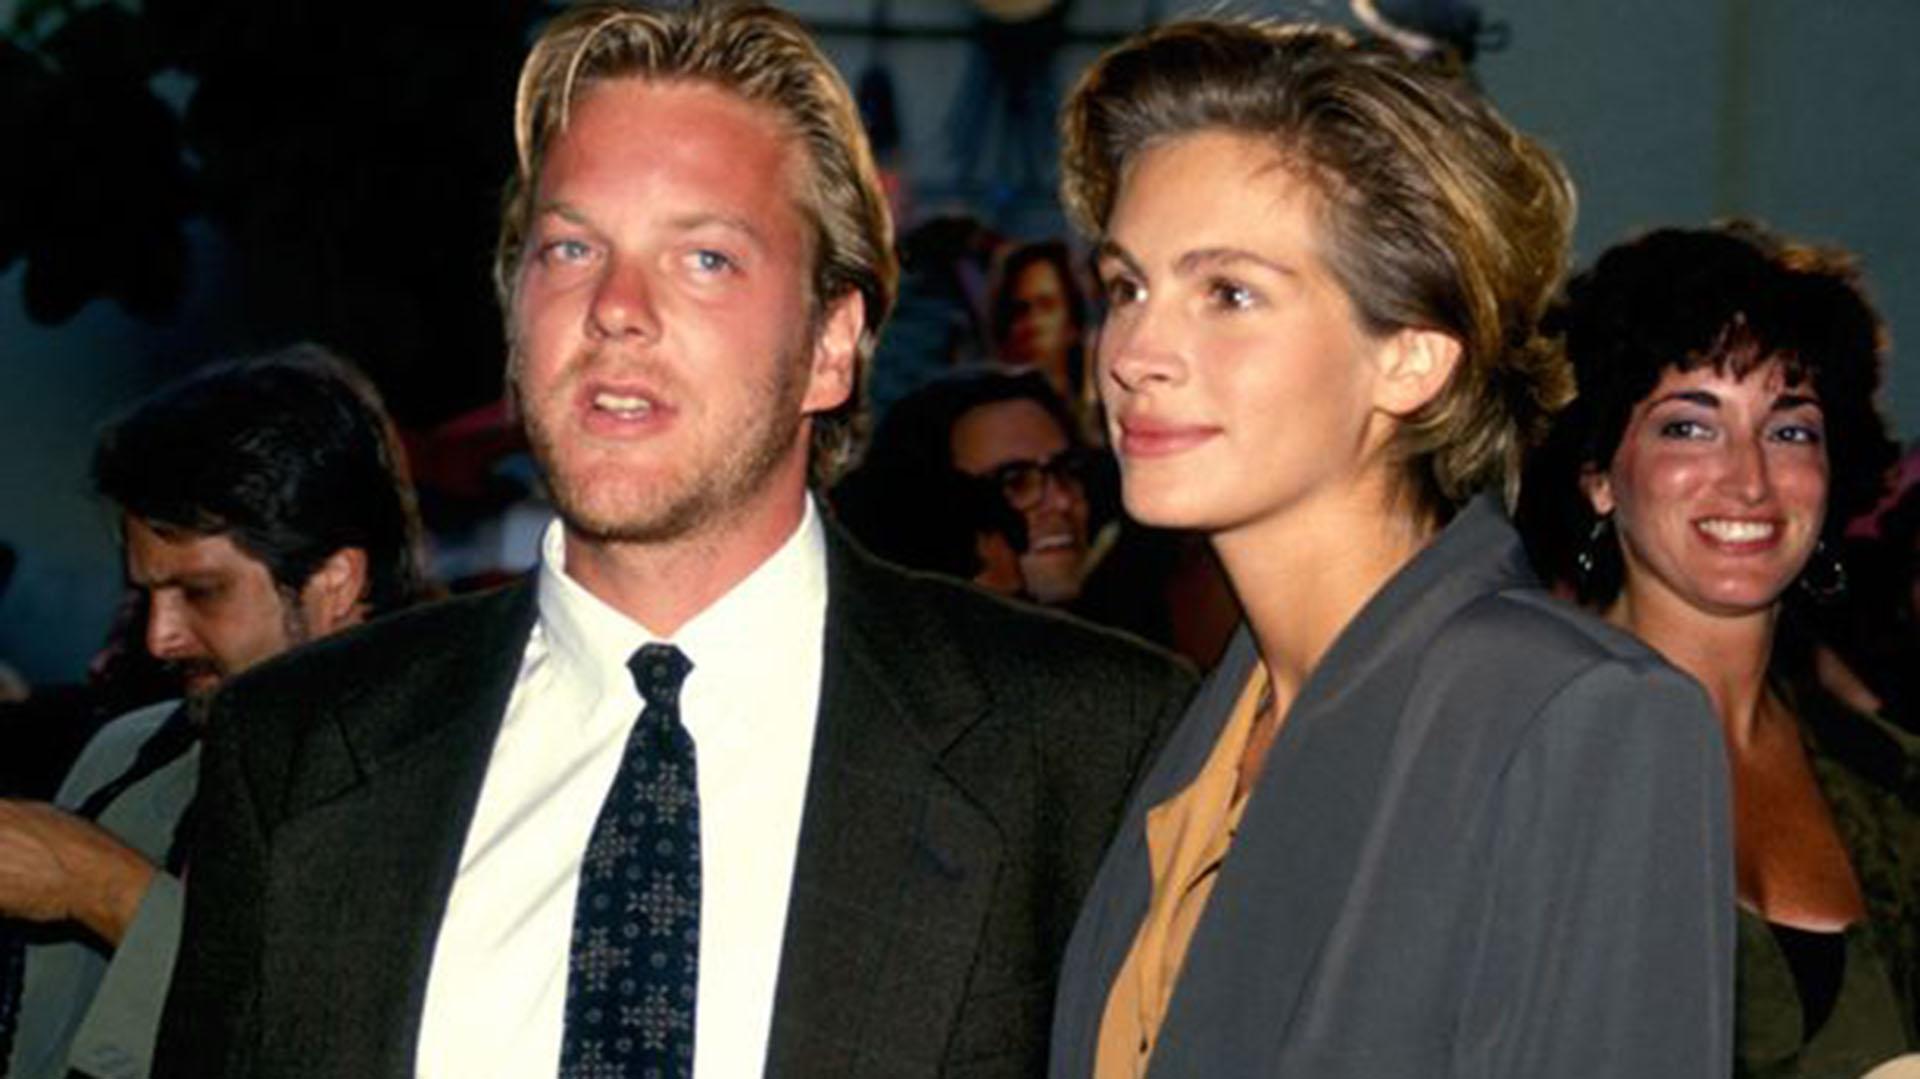 El romance de Sutherland y Roberts llamó la atención de todos a comienzos de los 90